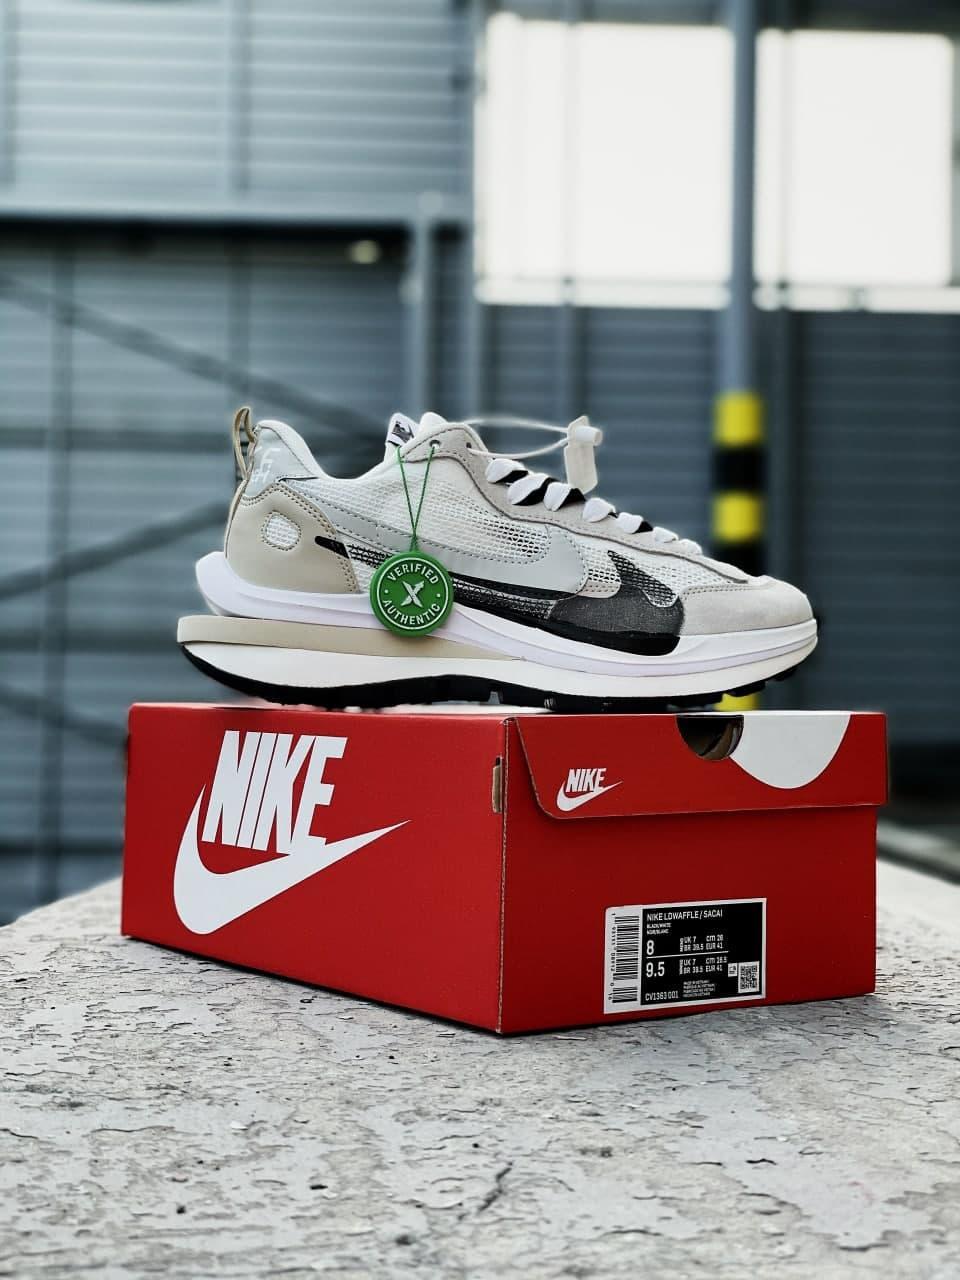 Жіночі кросівки Nike Sacai (світло-сірі) спортивна модне взуття J3269